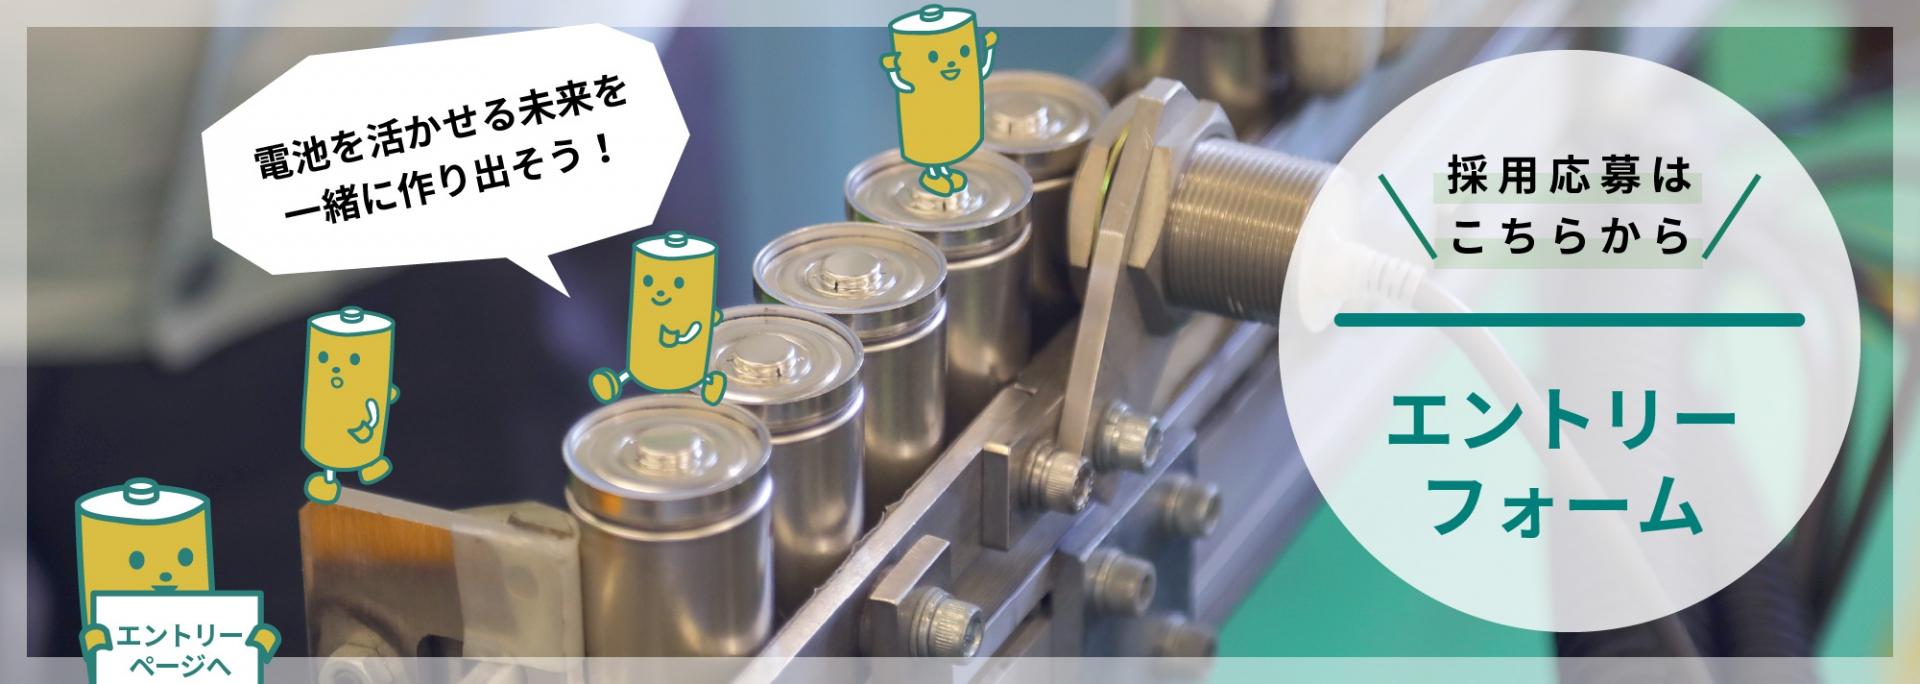 エントリーフォーム:採用応募はこちらから。電池を活かせる未来を一緒に作り出そう!